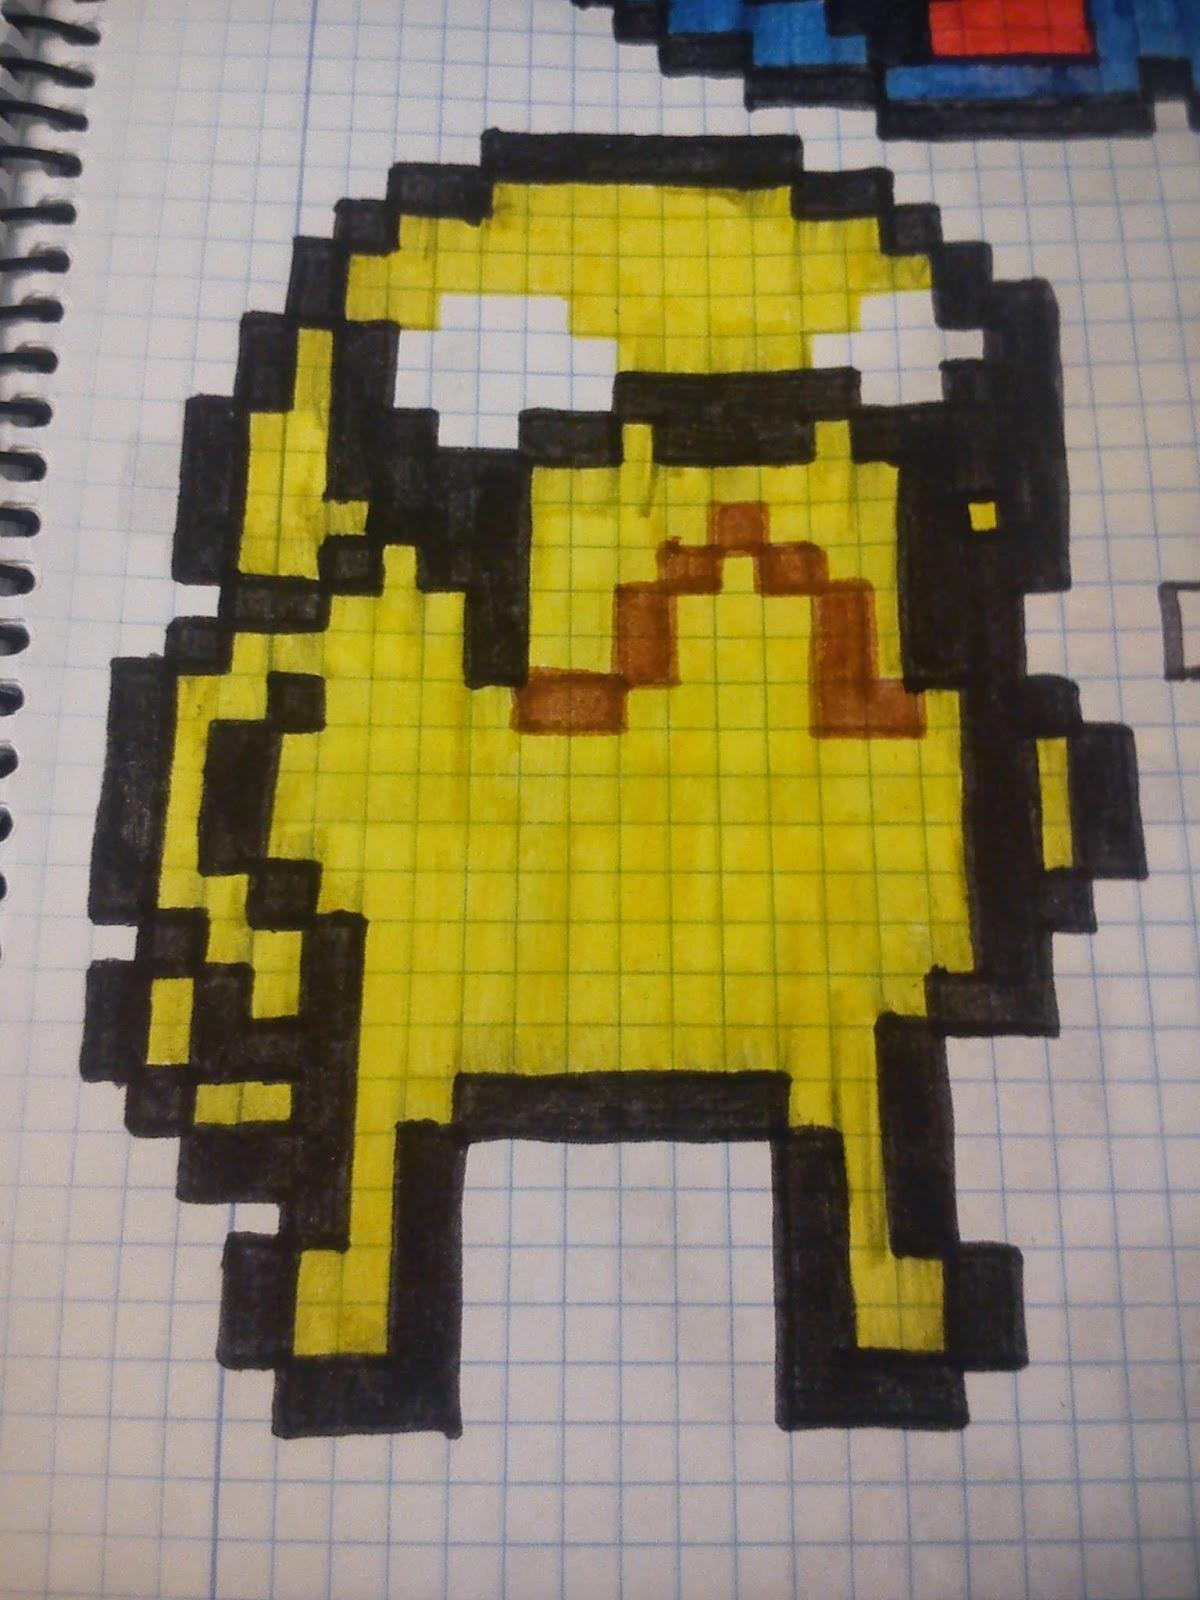 Las mejores imagenes de minecraft para imprimir y colorear. Pixel Art Spain: Series